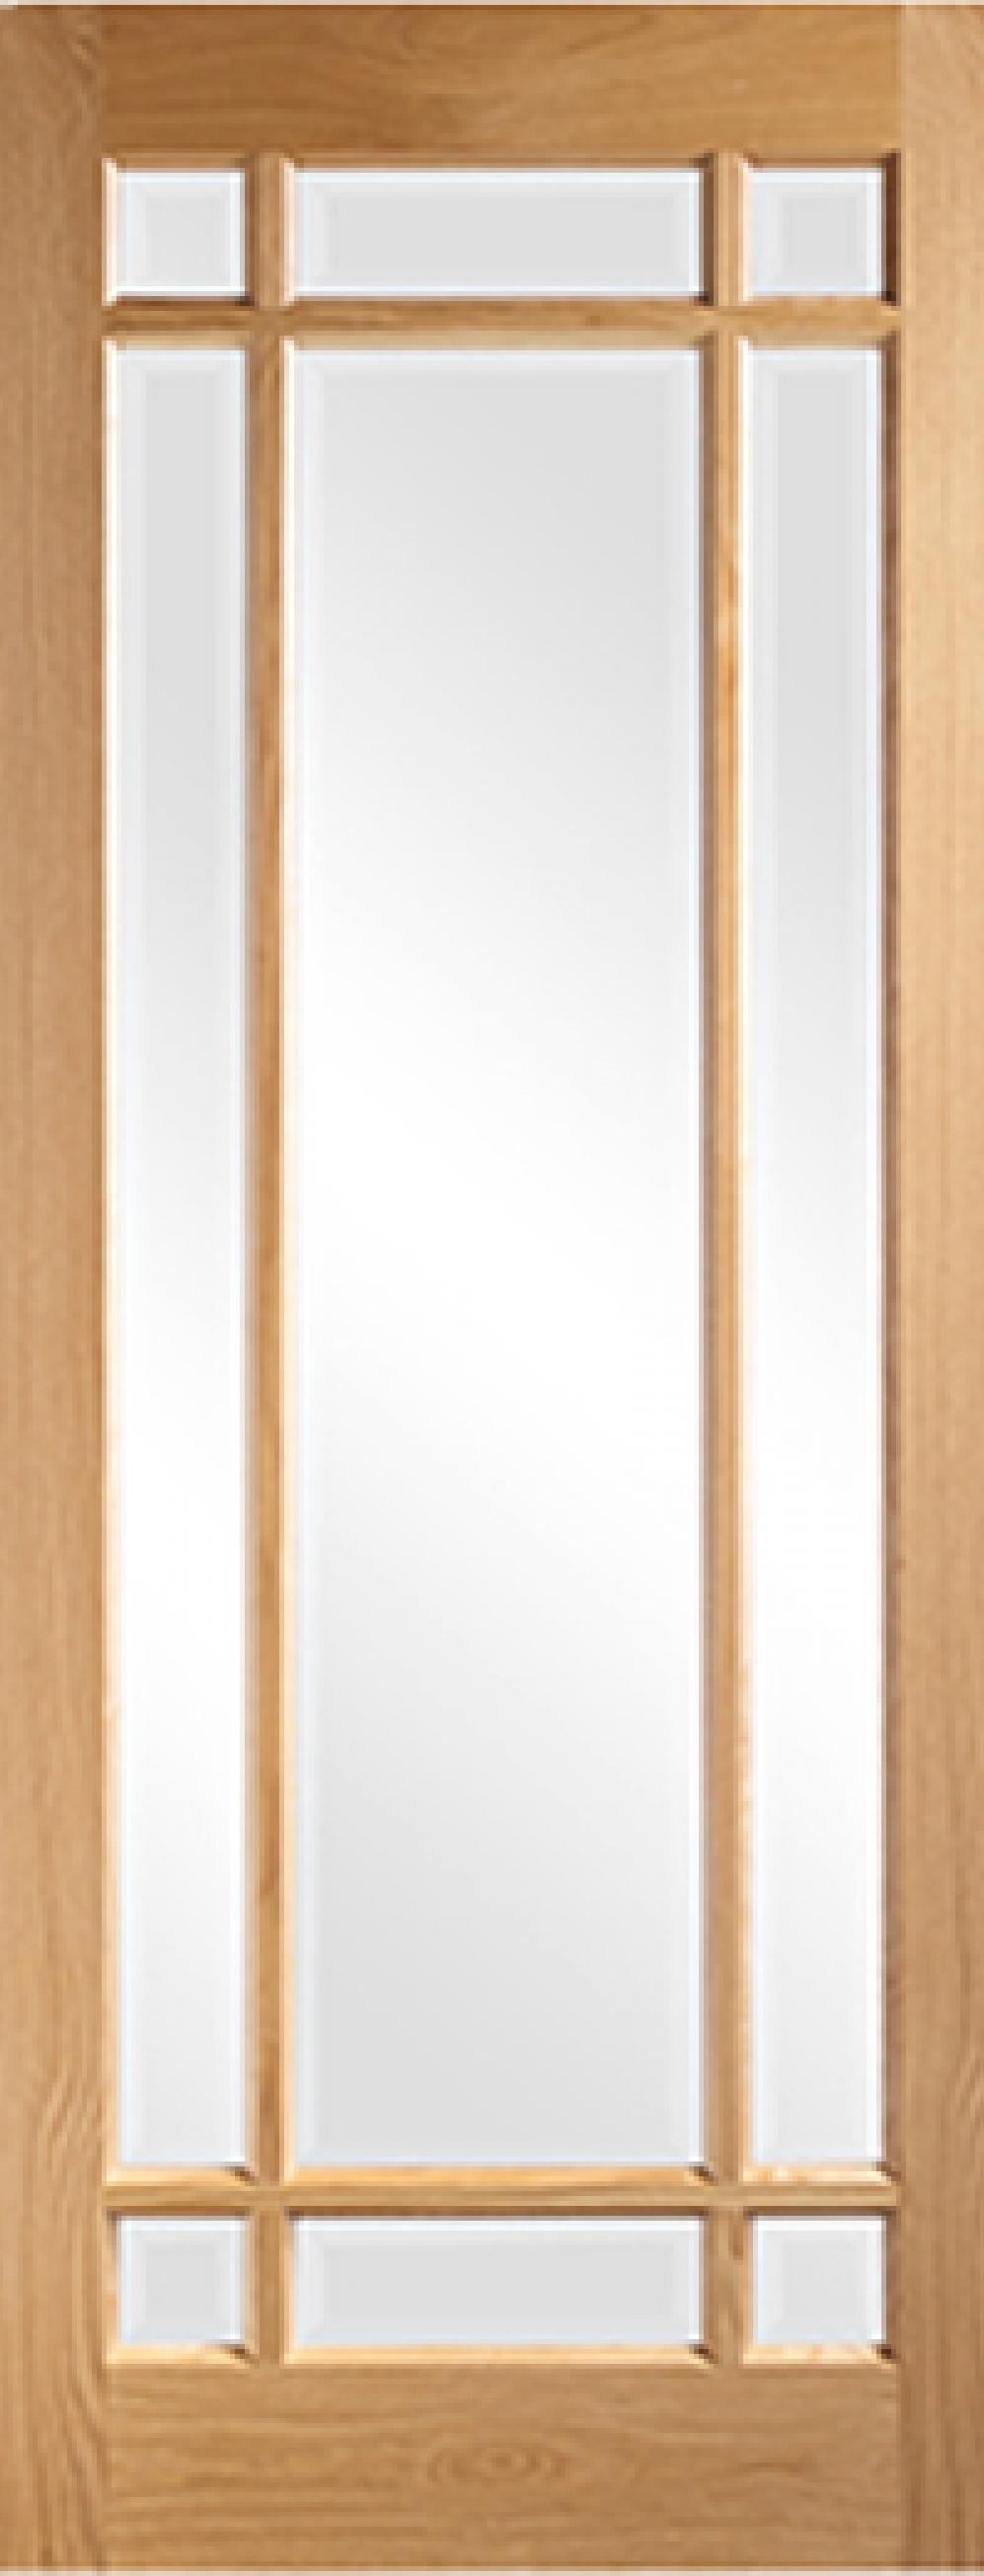 Kerry glazed oak interior glazed doors bevelled glass vibrant doors kerry oak glazed door planetlyrics Choice Image